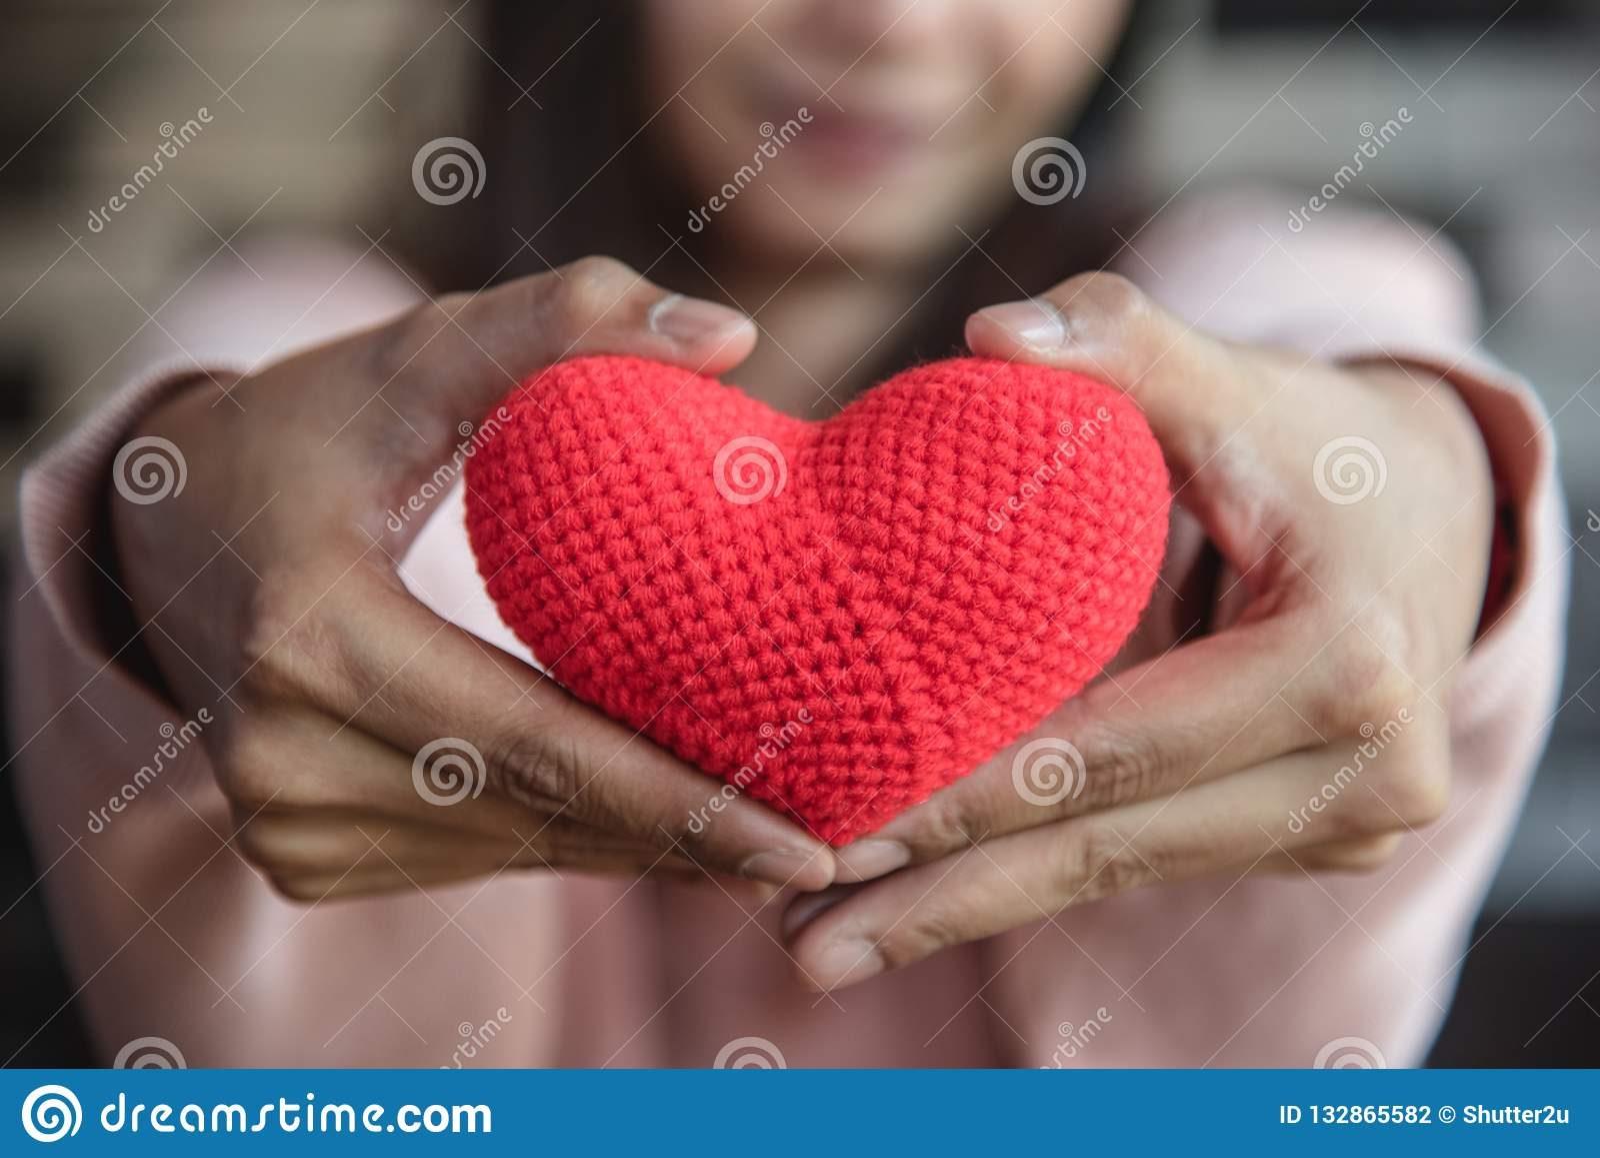 Большое красное сердце пряжи держа и давая для того чтобы противостоять рукой женщины Lo